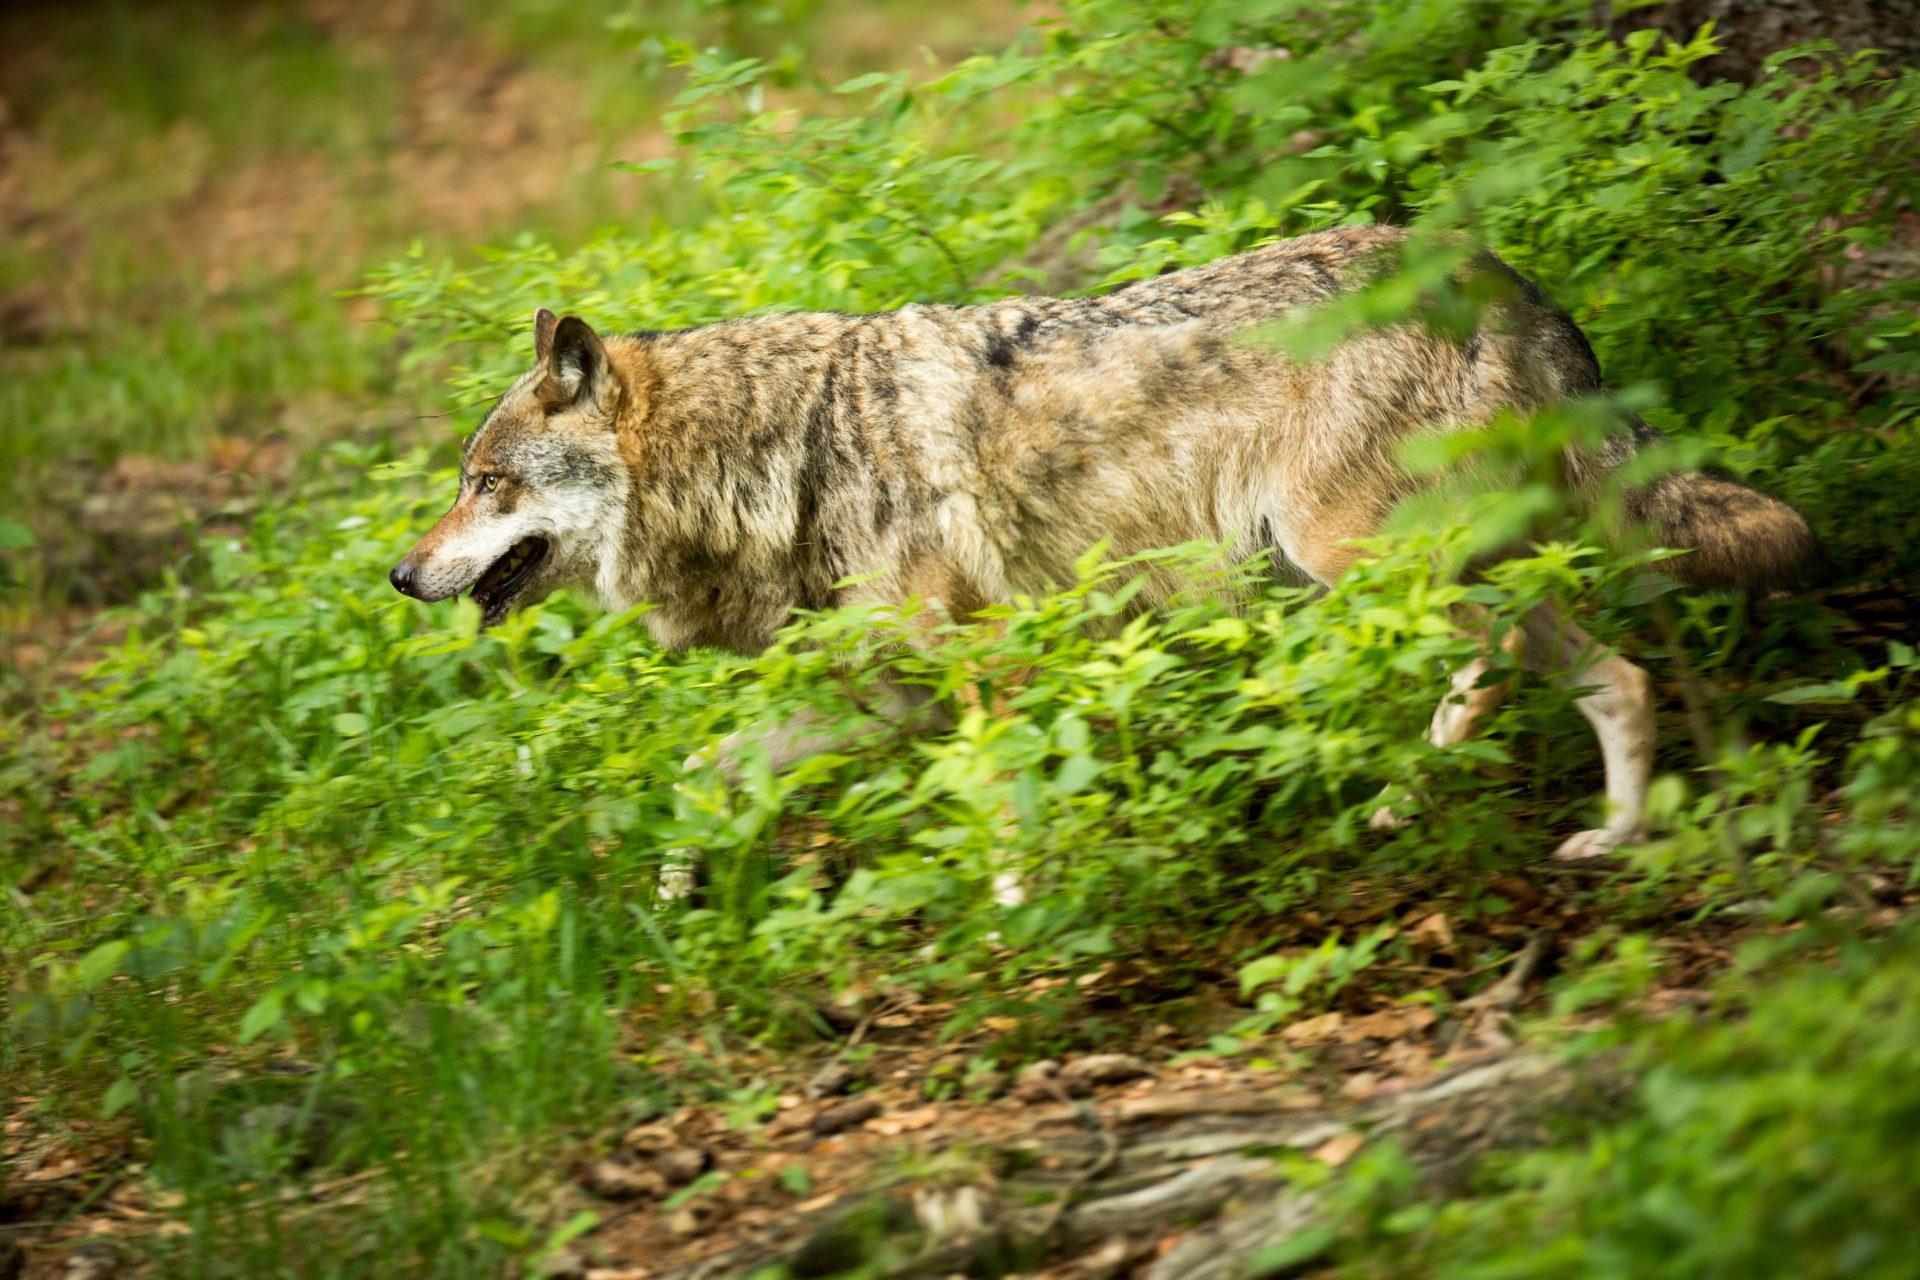 Umweltminister Lies kritisiert Verweigerungshaltung der Grünen beim Wolf - WILD UND HUND